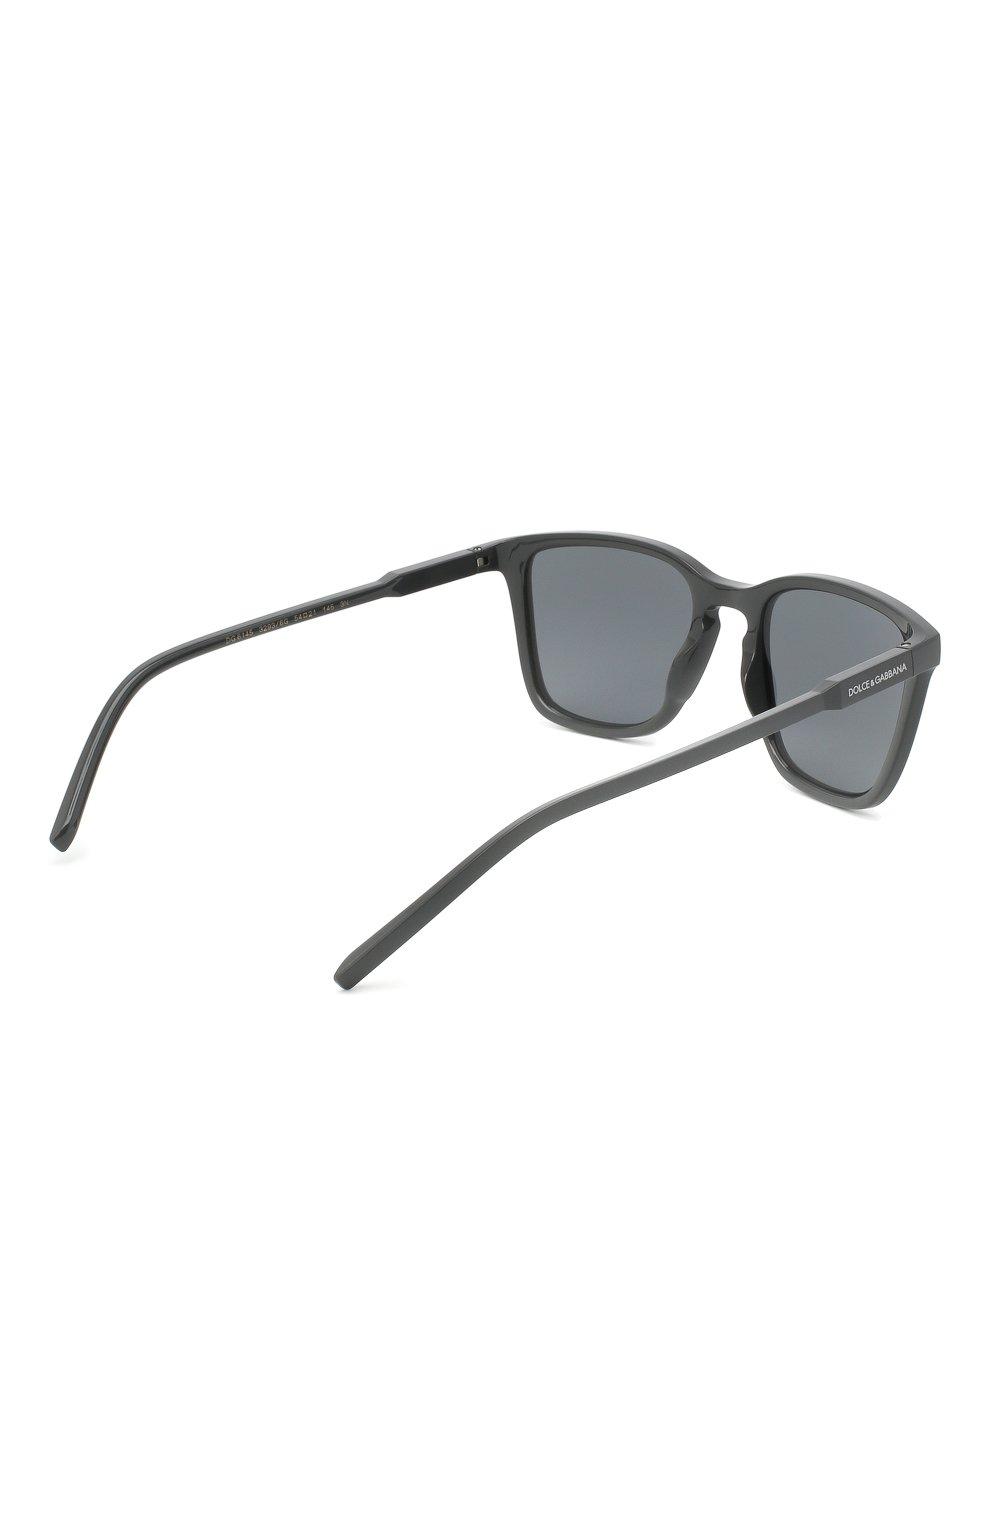 Мужские солнцезащитные очки DOLCE & GABBANA серого цвета, арт. 6145-32936G | Фото 4